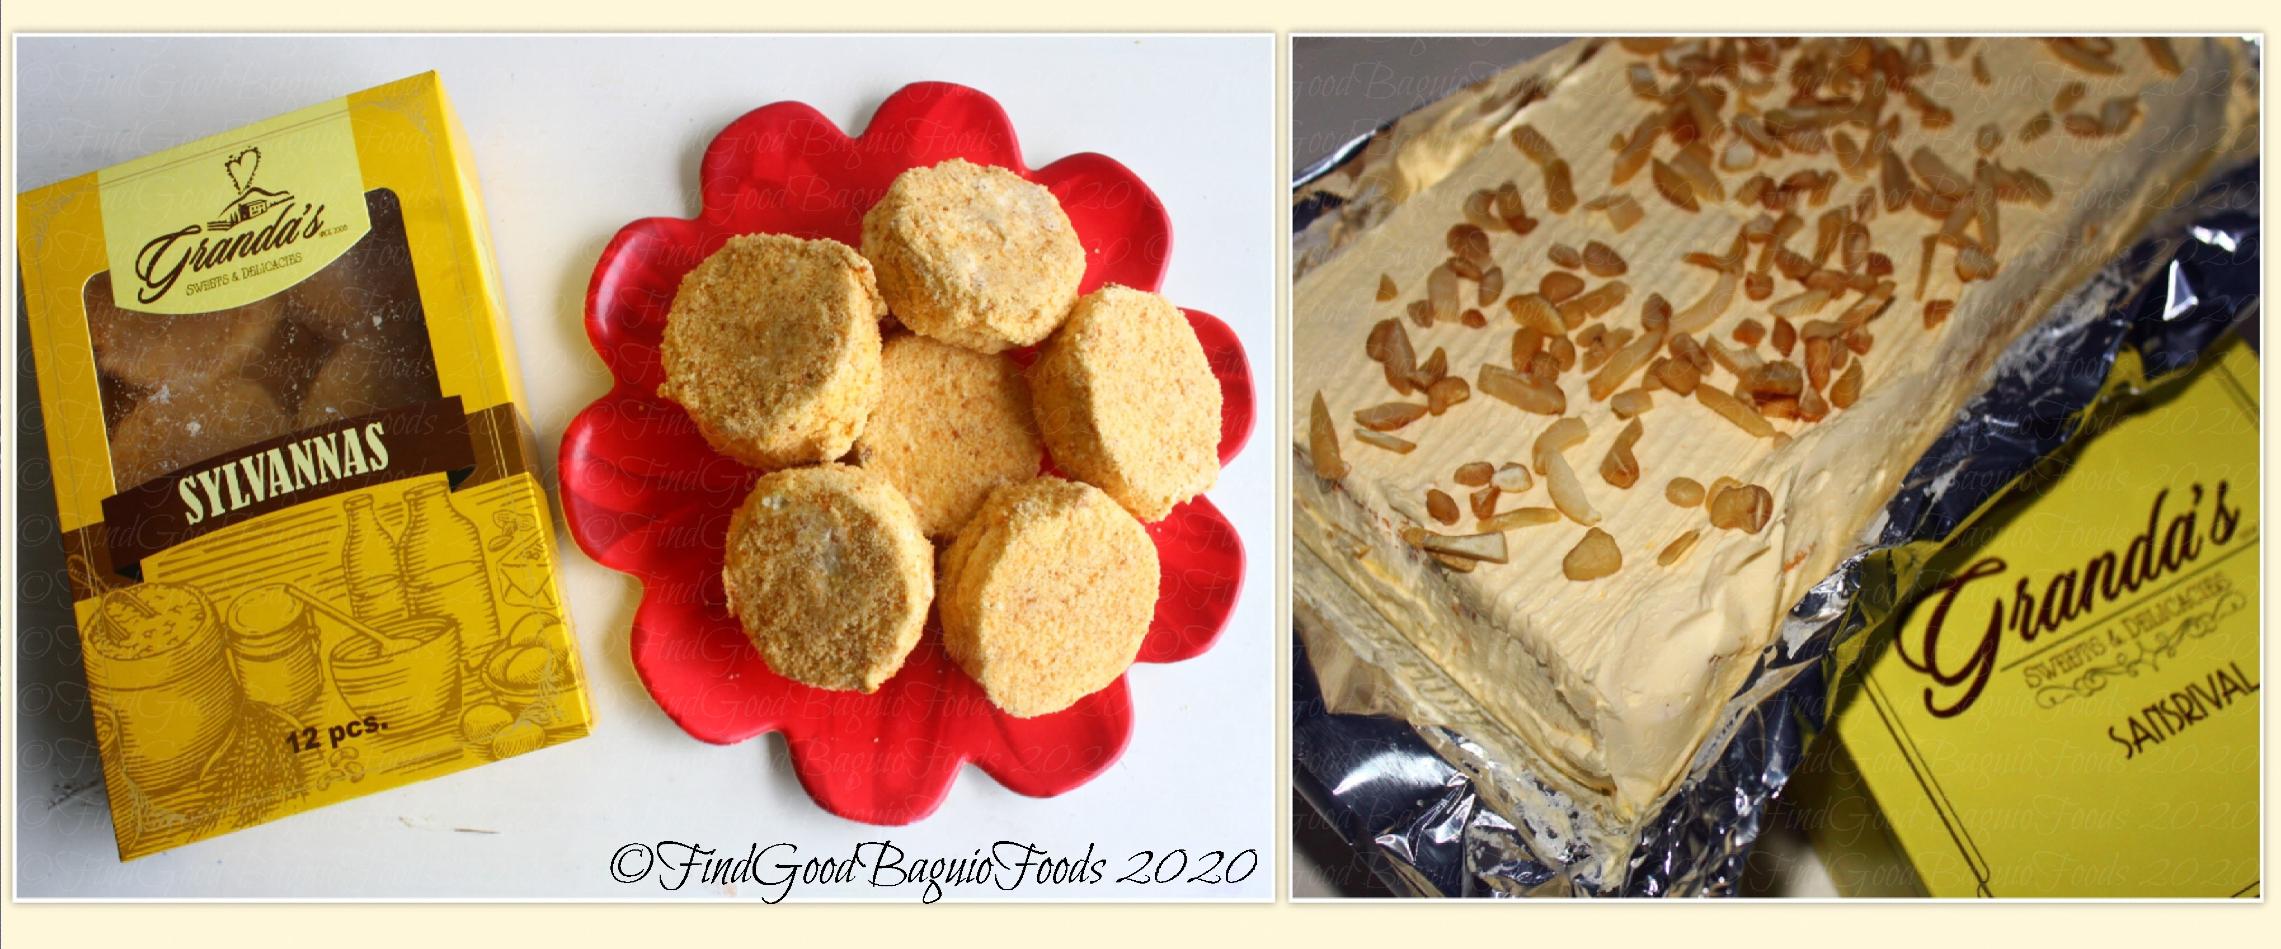 Pampanga's Granda's Sweets and Delicacies 2020 Sylvannas and sansrival